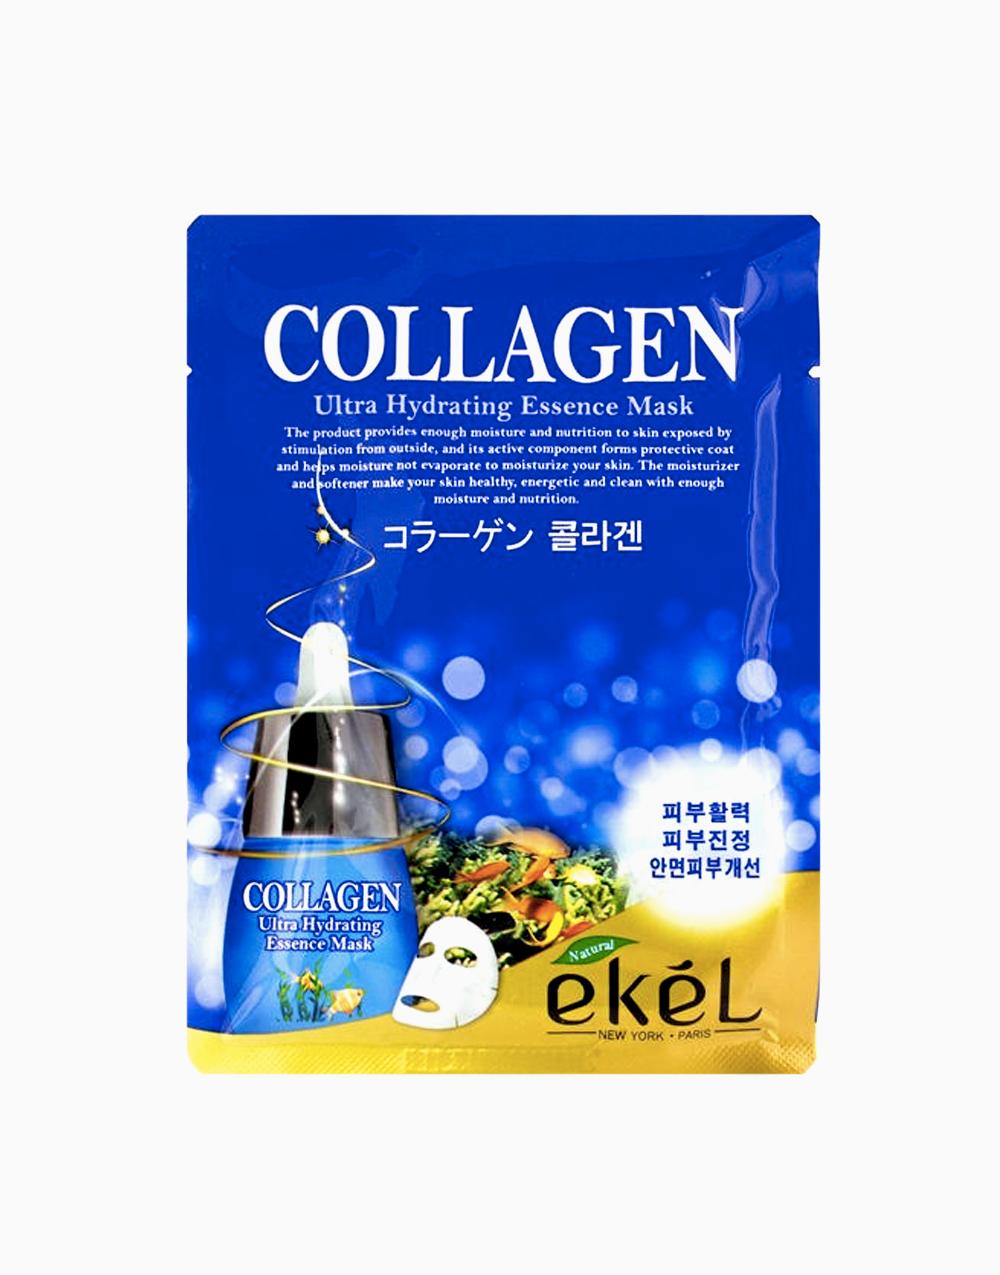 Collagen Mask by Ekel